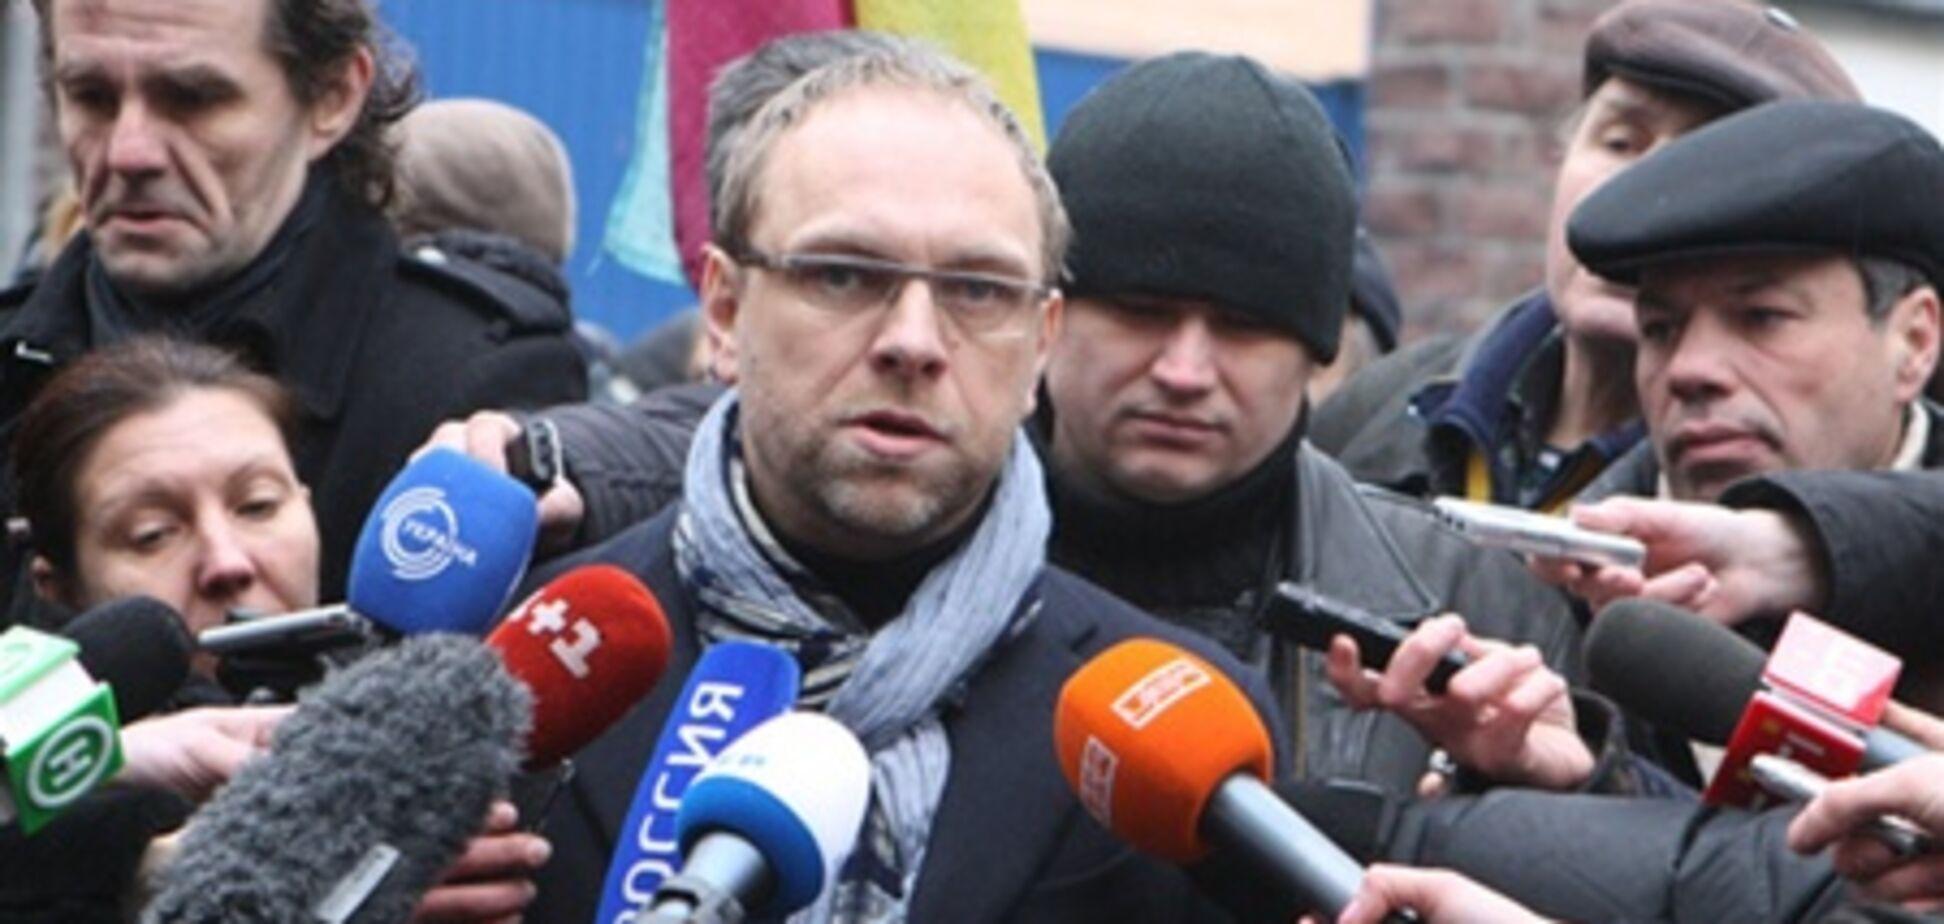 Захист Тимошенко поскаржиться в Єврокомісію з протидії тортурам